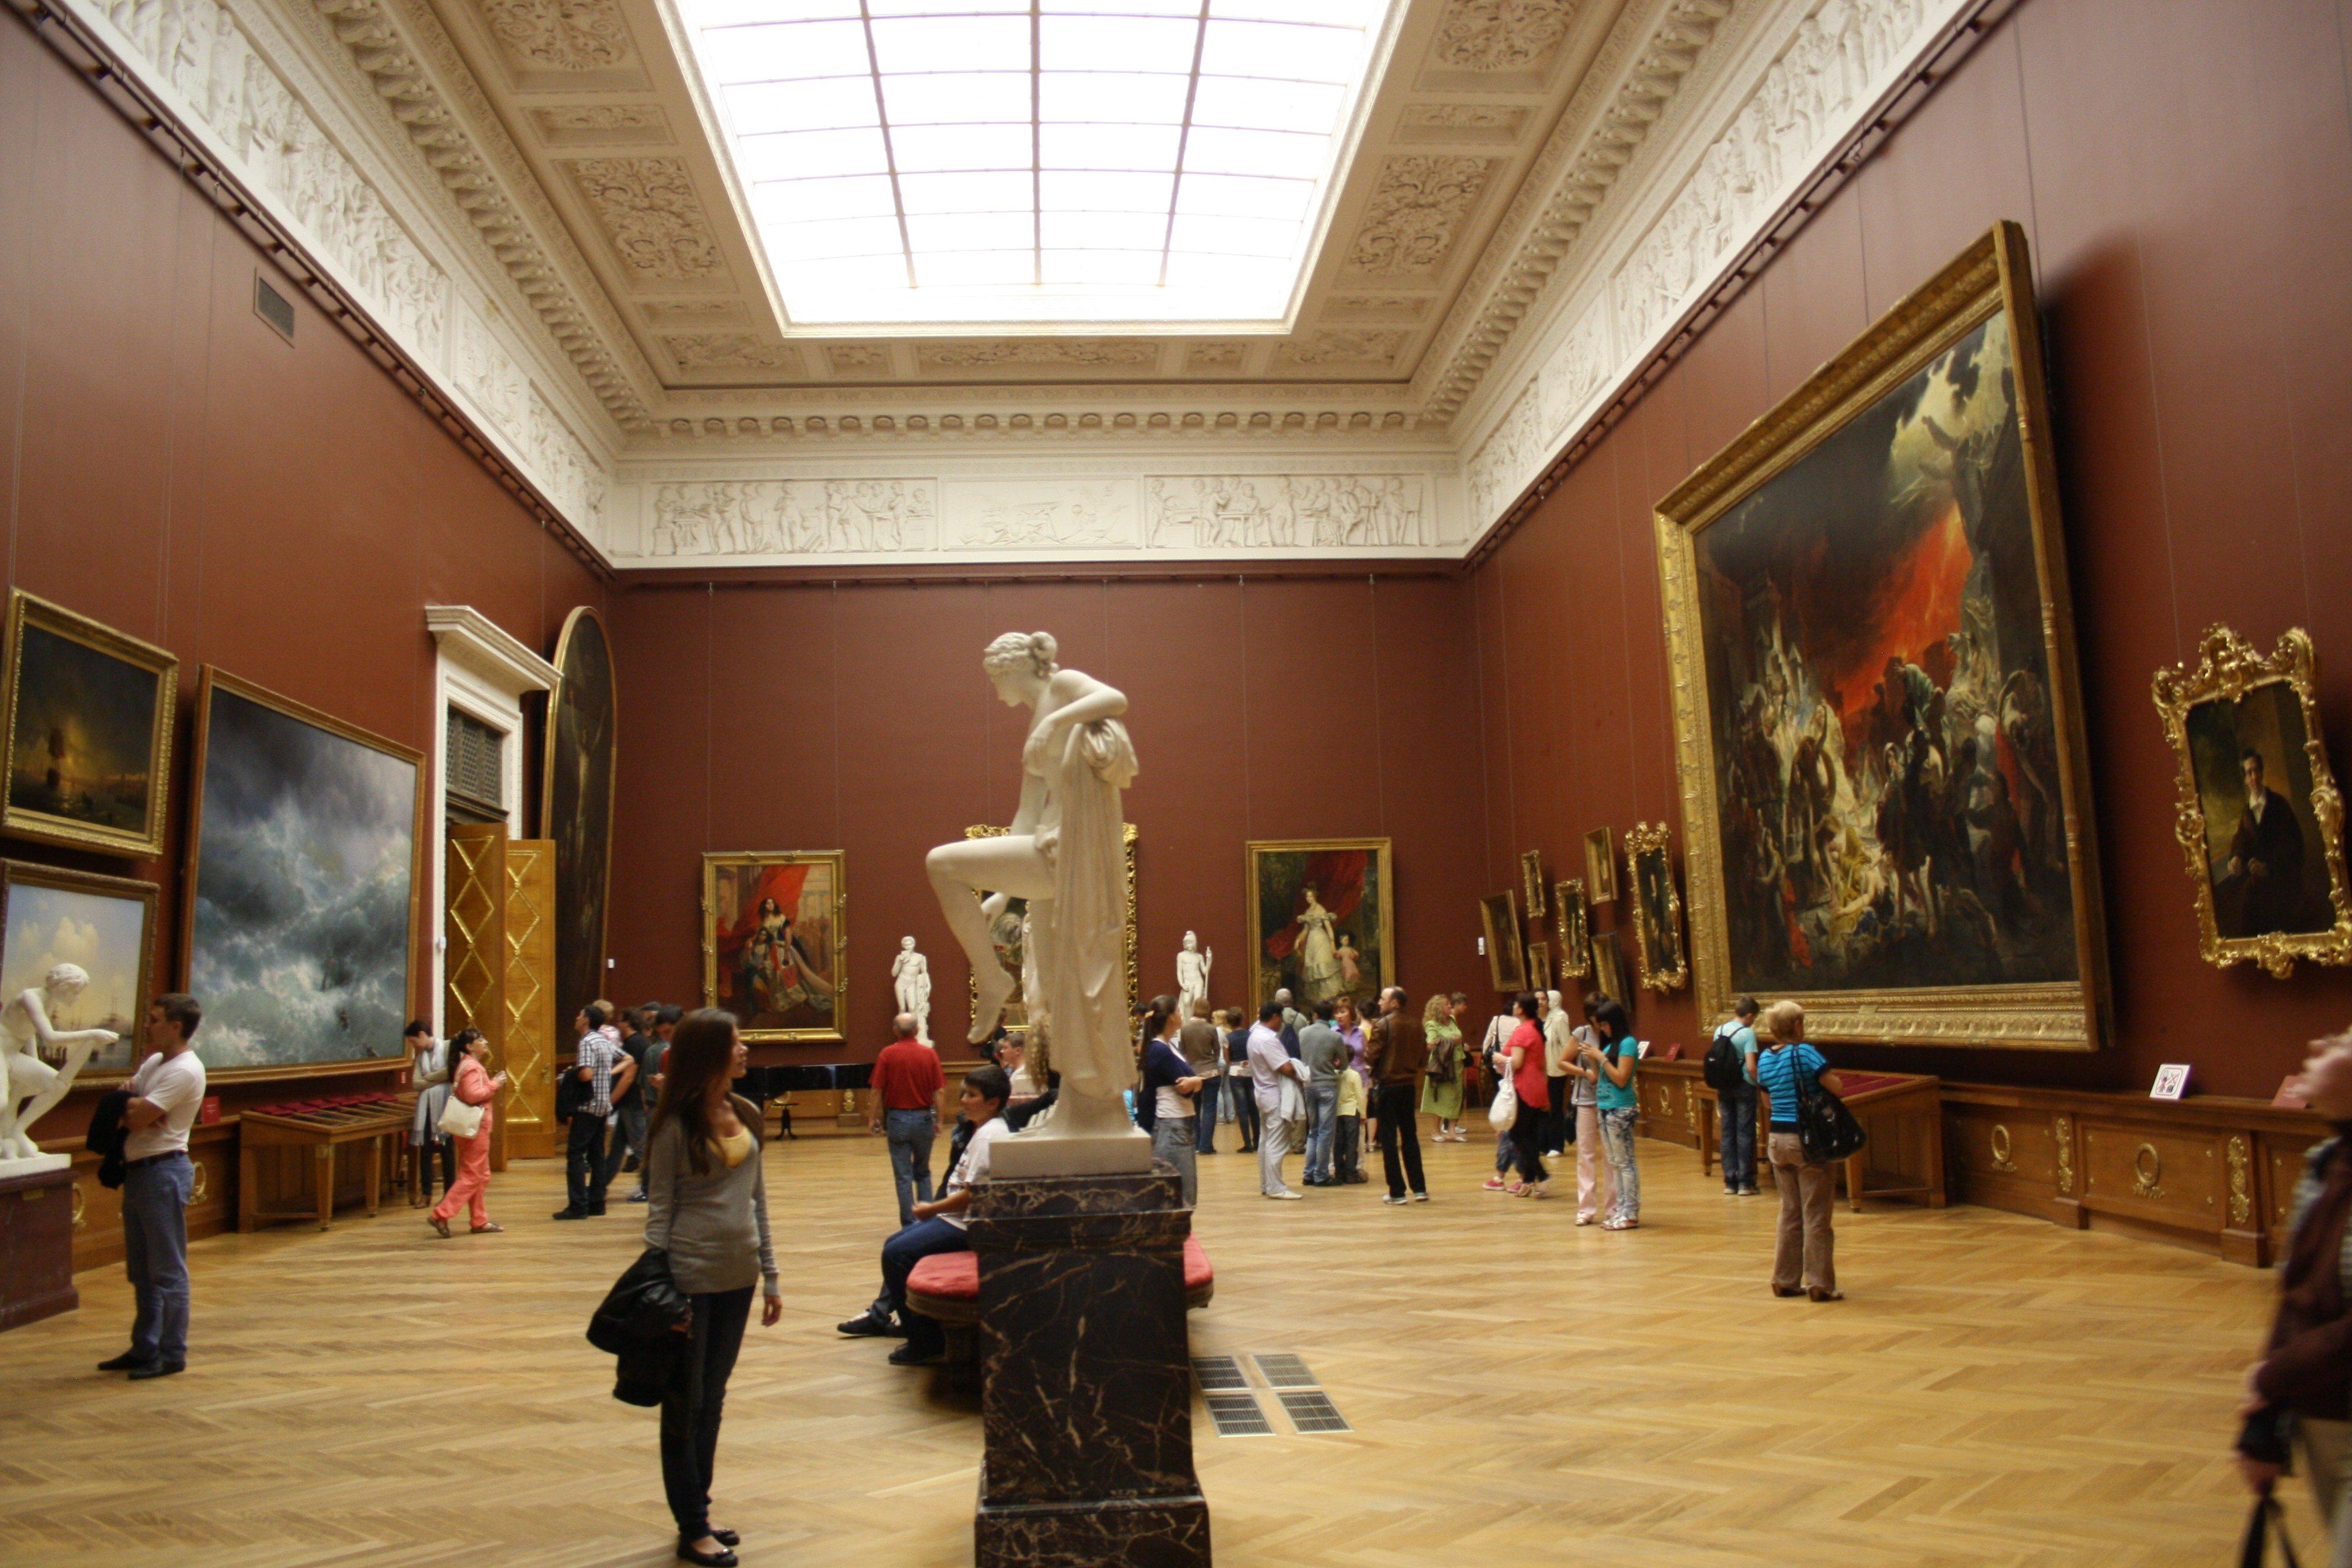 вам царская как найти фото все в галерее раскроют